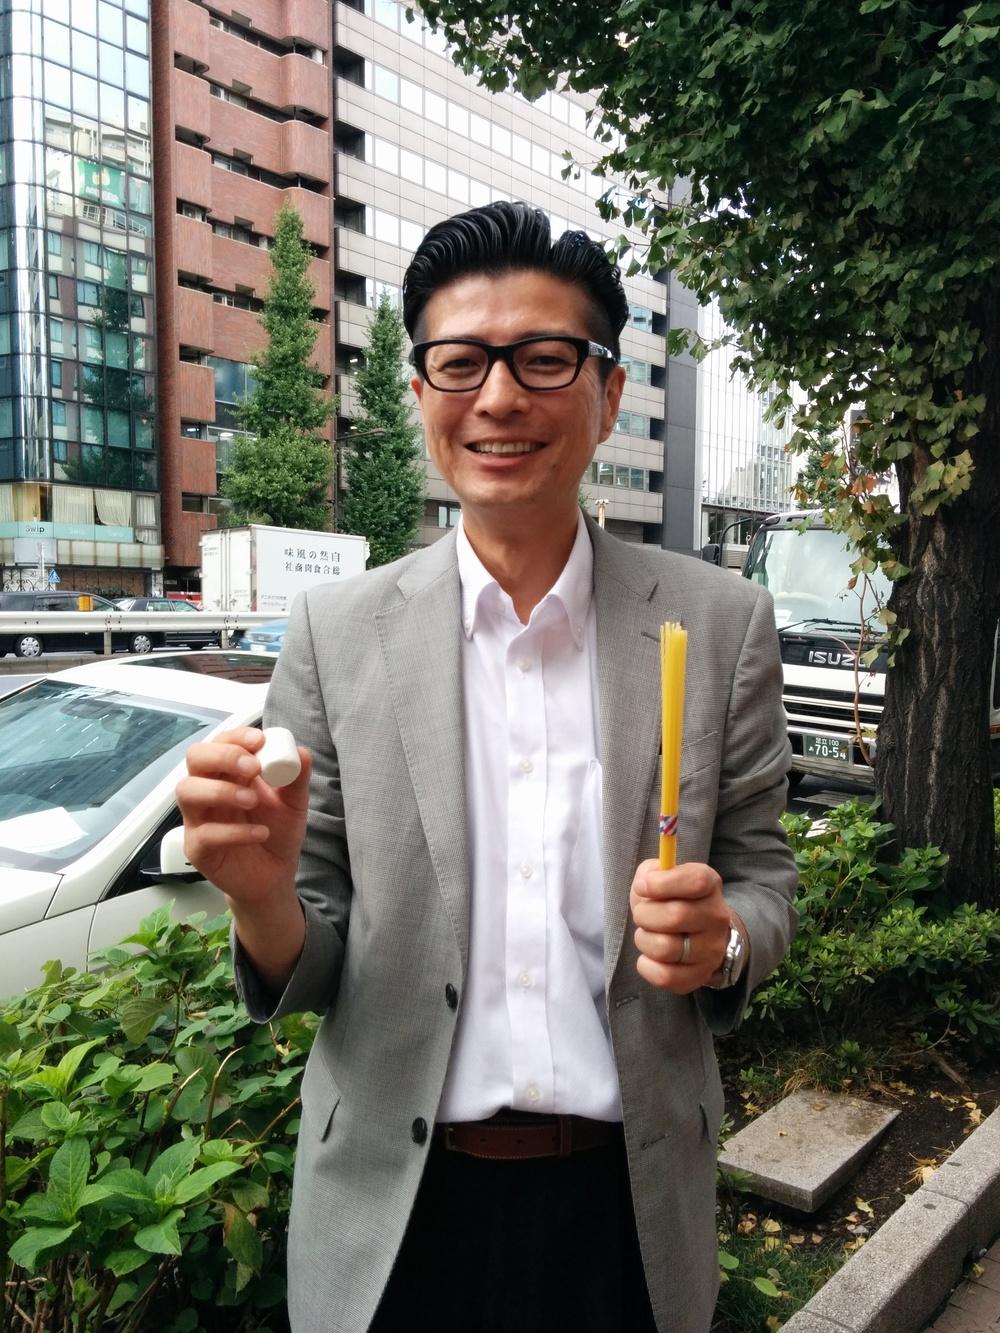 日本プロジェクトソリューションズ株式会社・伊藤大輔様